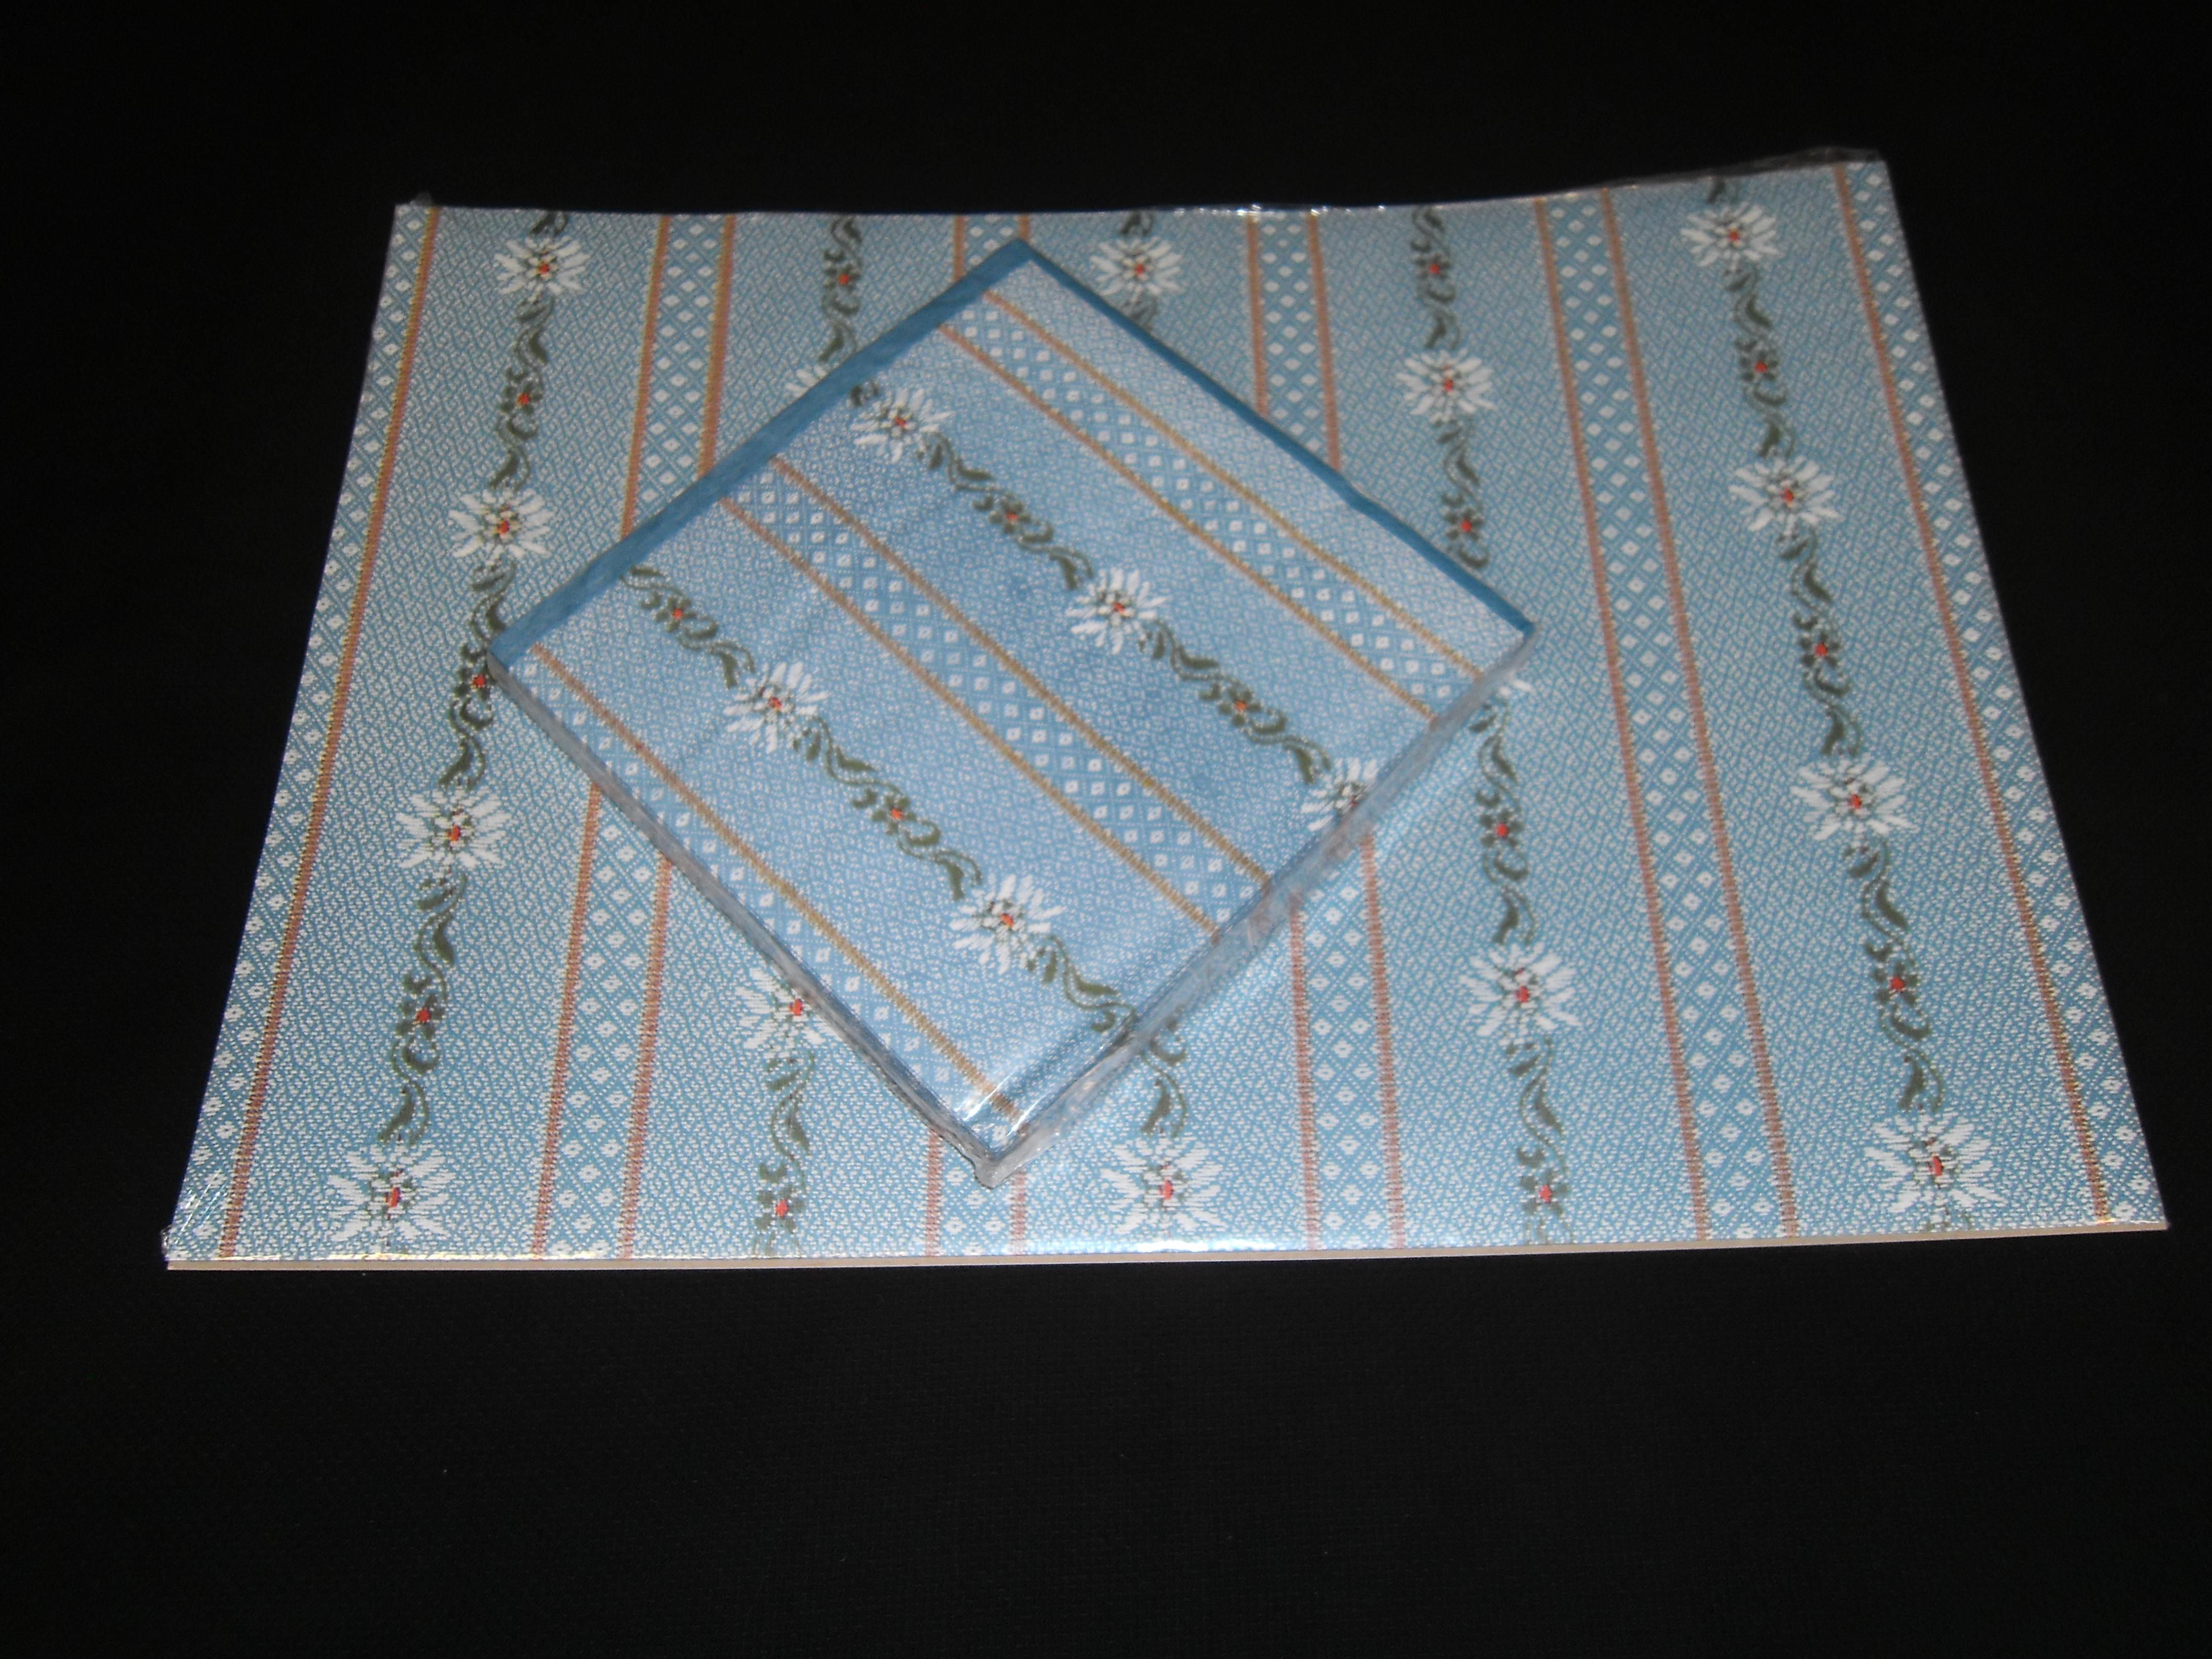 tischset papier mit servietten edelweiss 20 st ck gantenbein urn sch. Black Bedroom Furniture Sets. Home Design Ideas